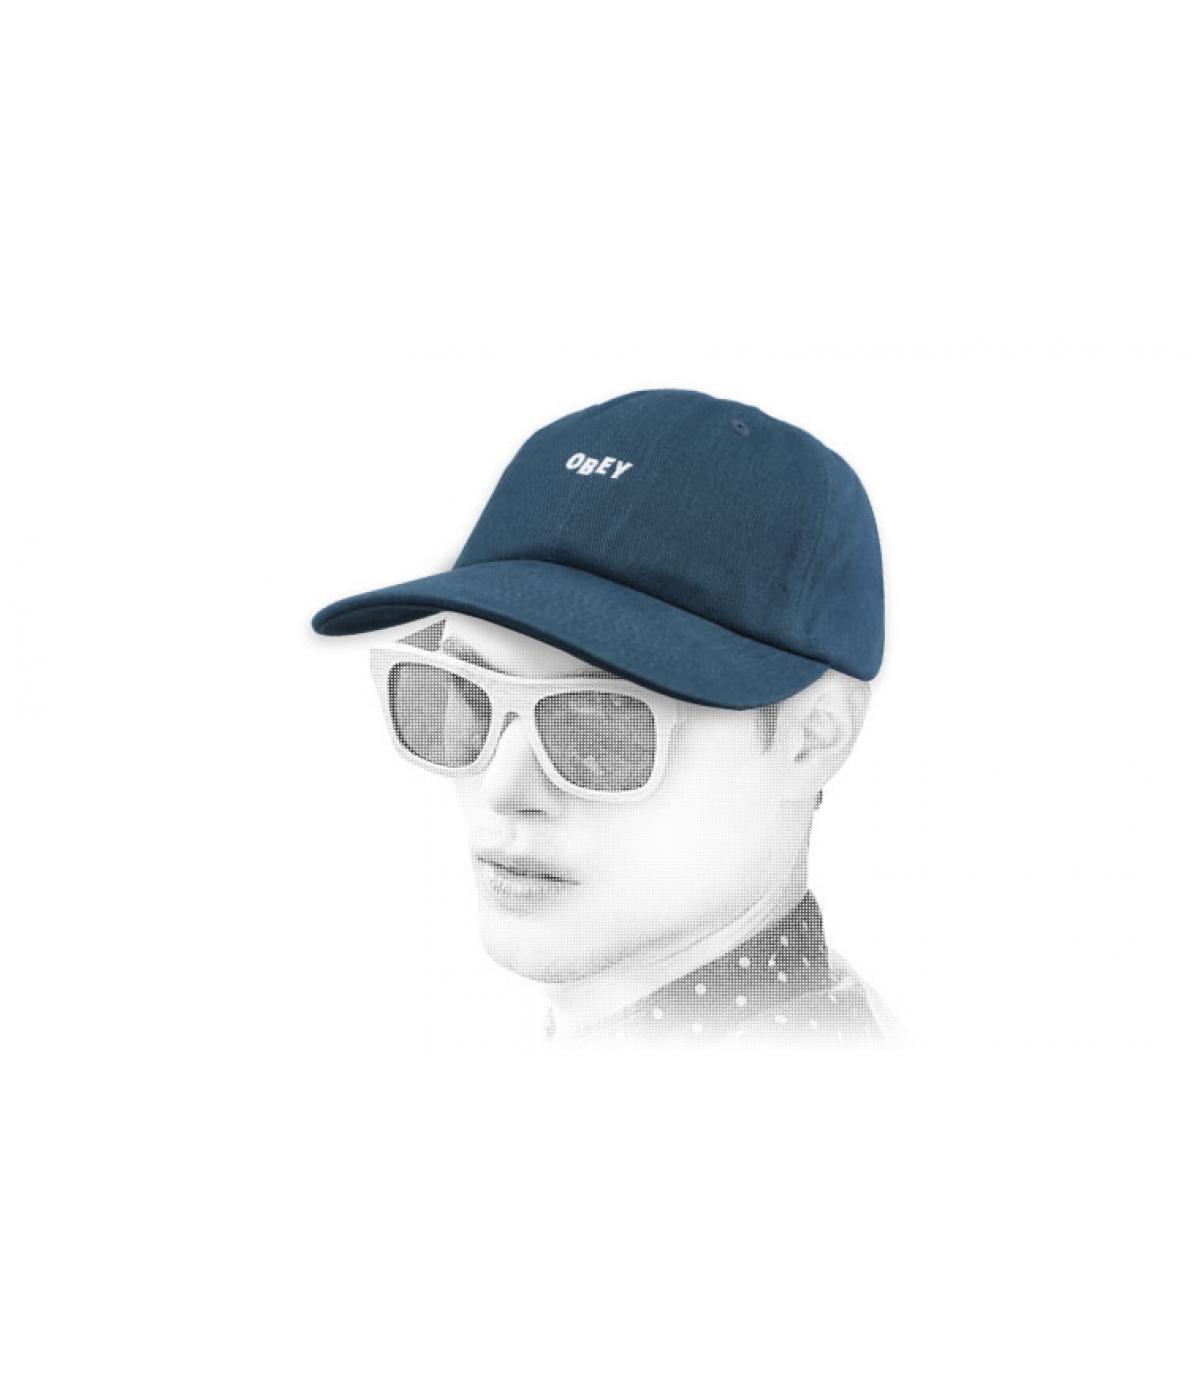 Cap blau Obey